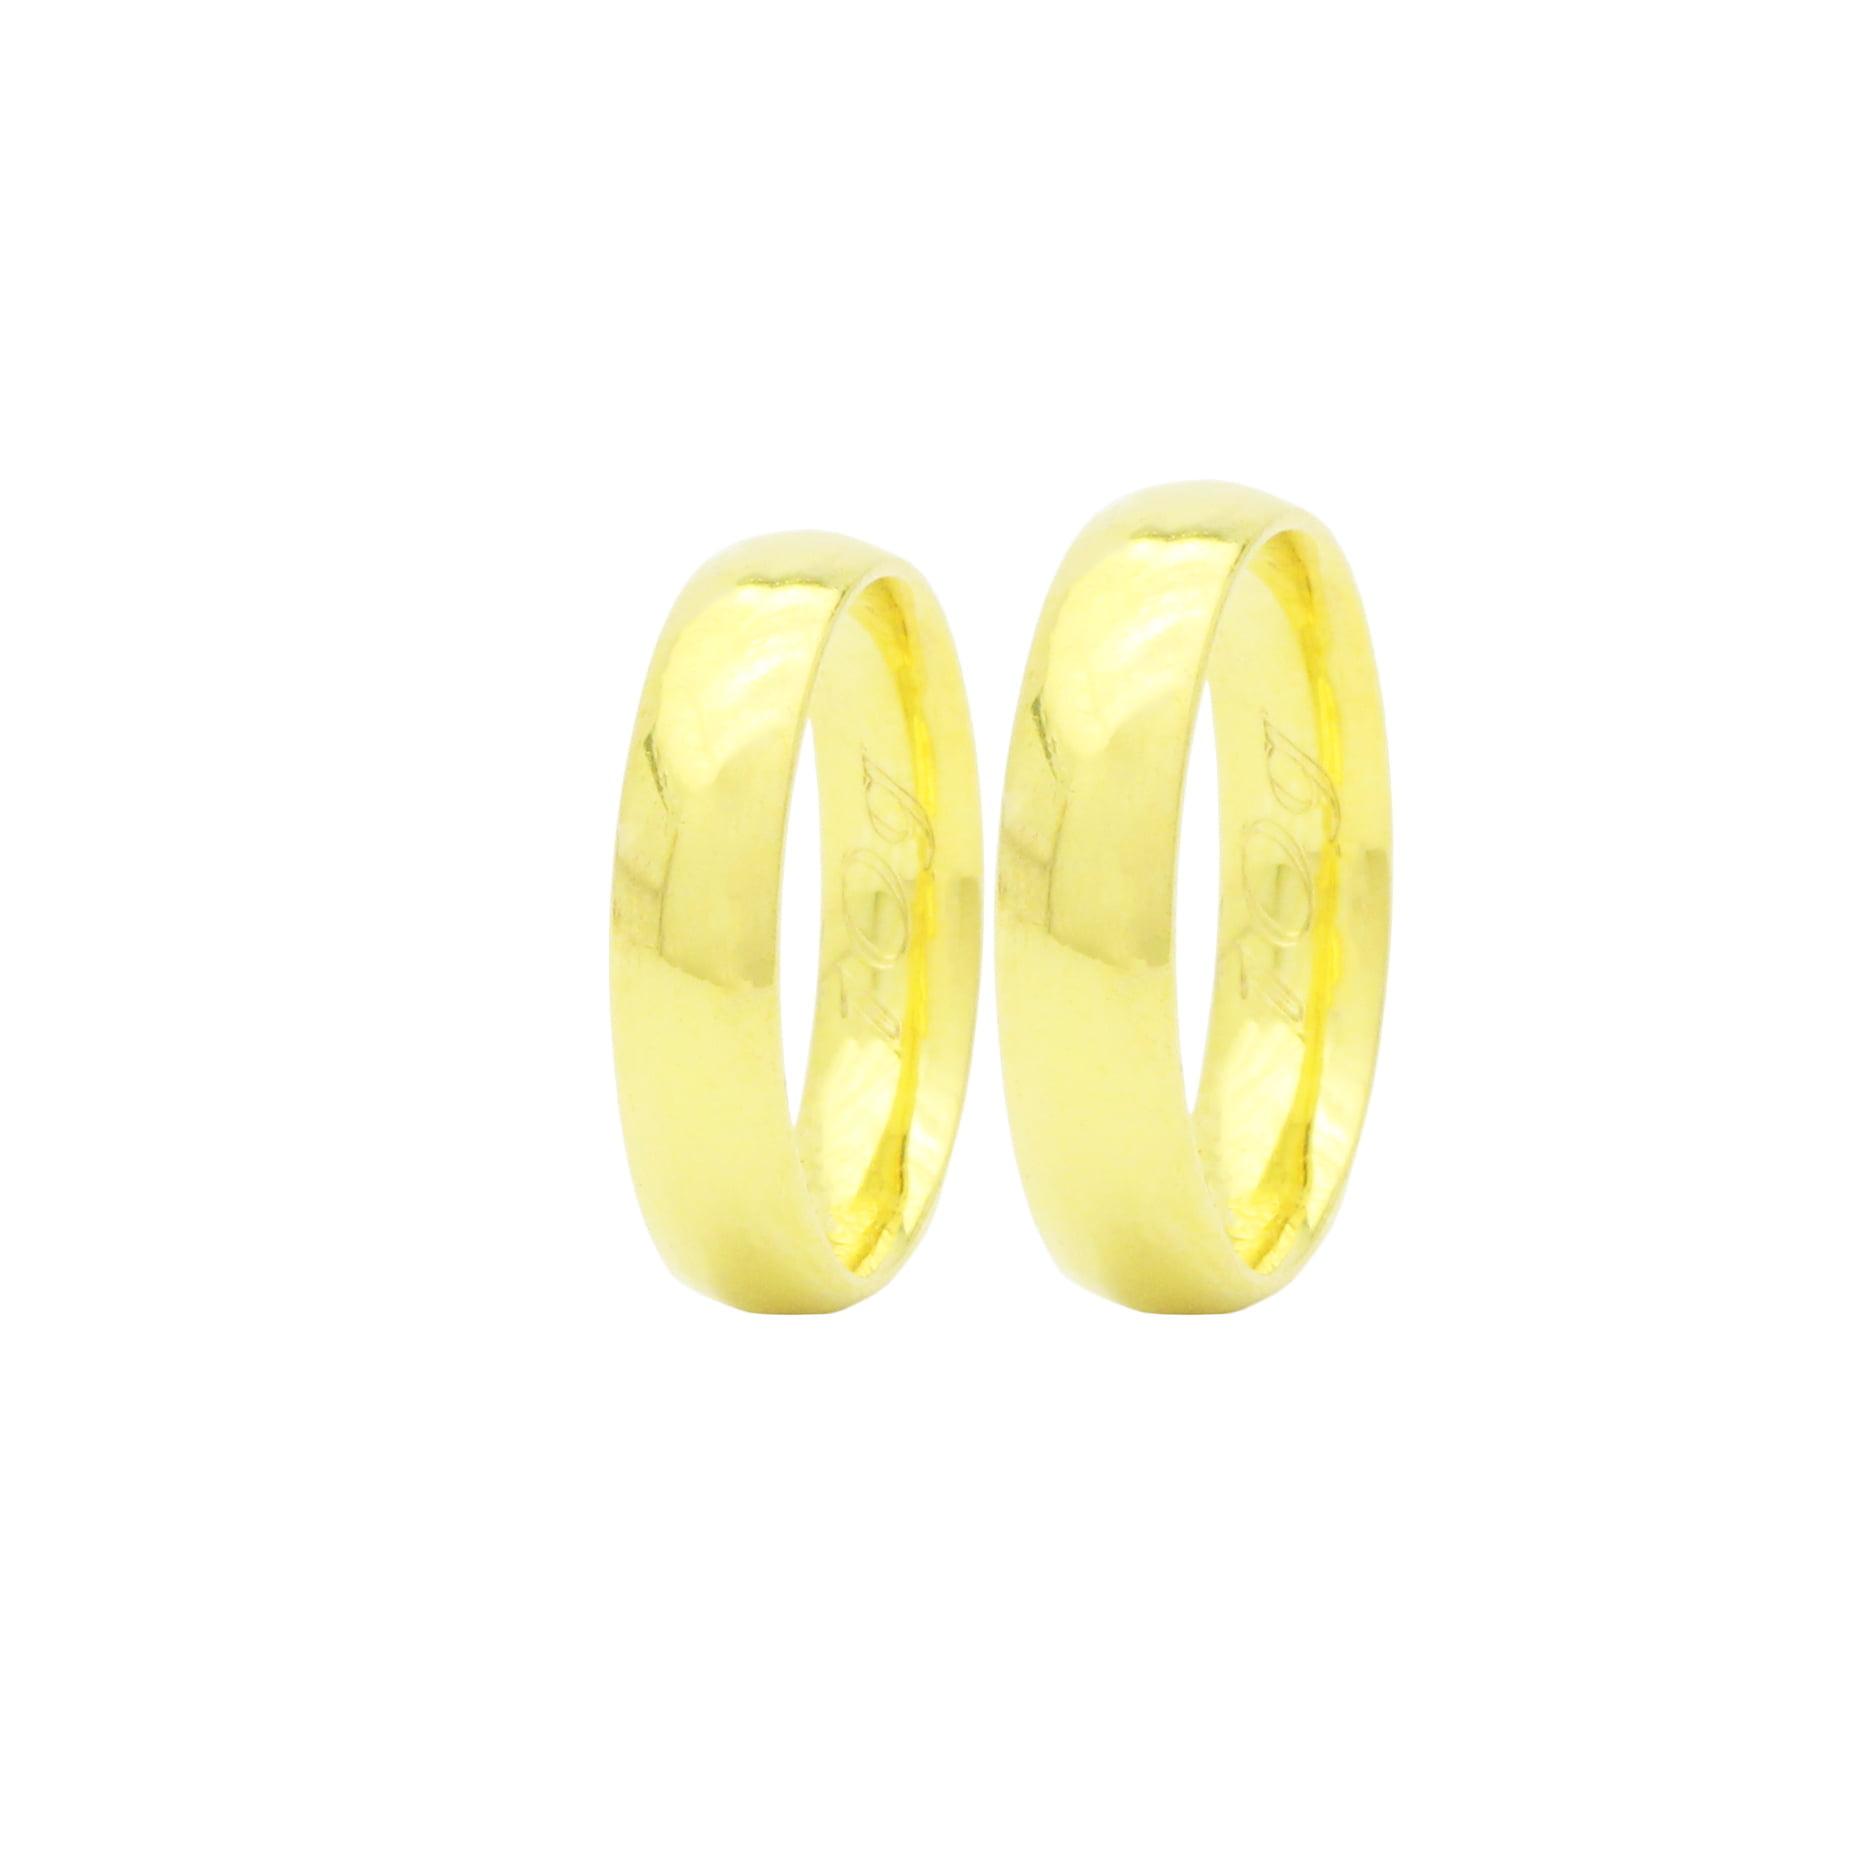 Par de Alianças em Ouro 18k +/- 10 gramas 5mm de largura – Abaulada Lisa Confort